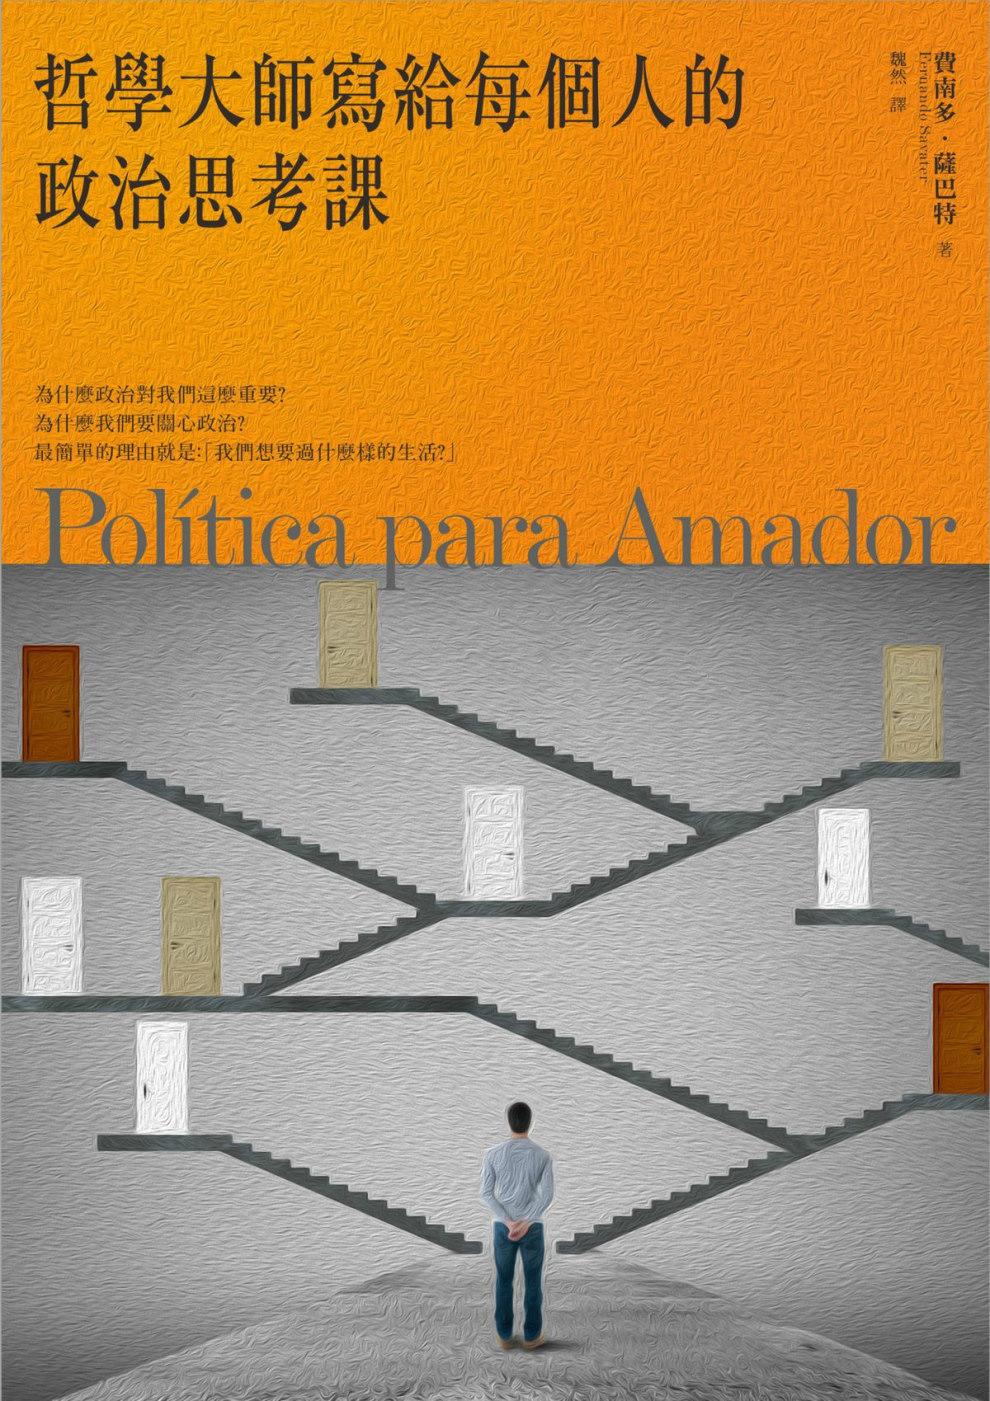 哲學大師寫給每個人的政治思考課